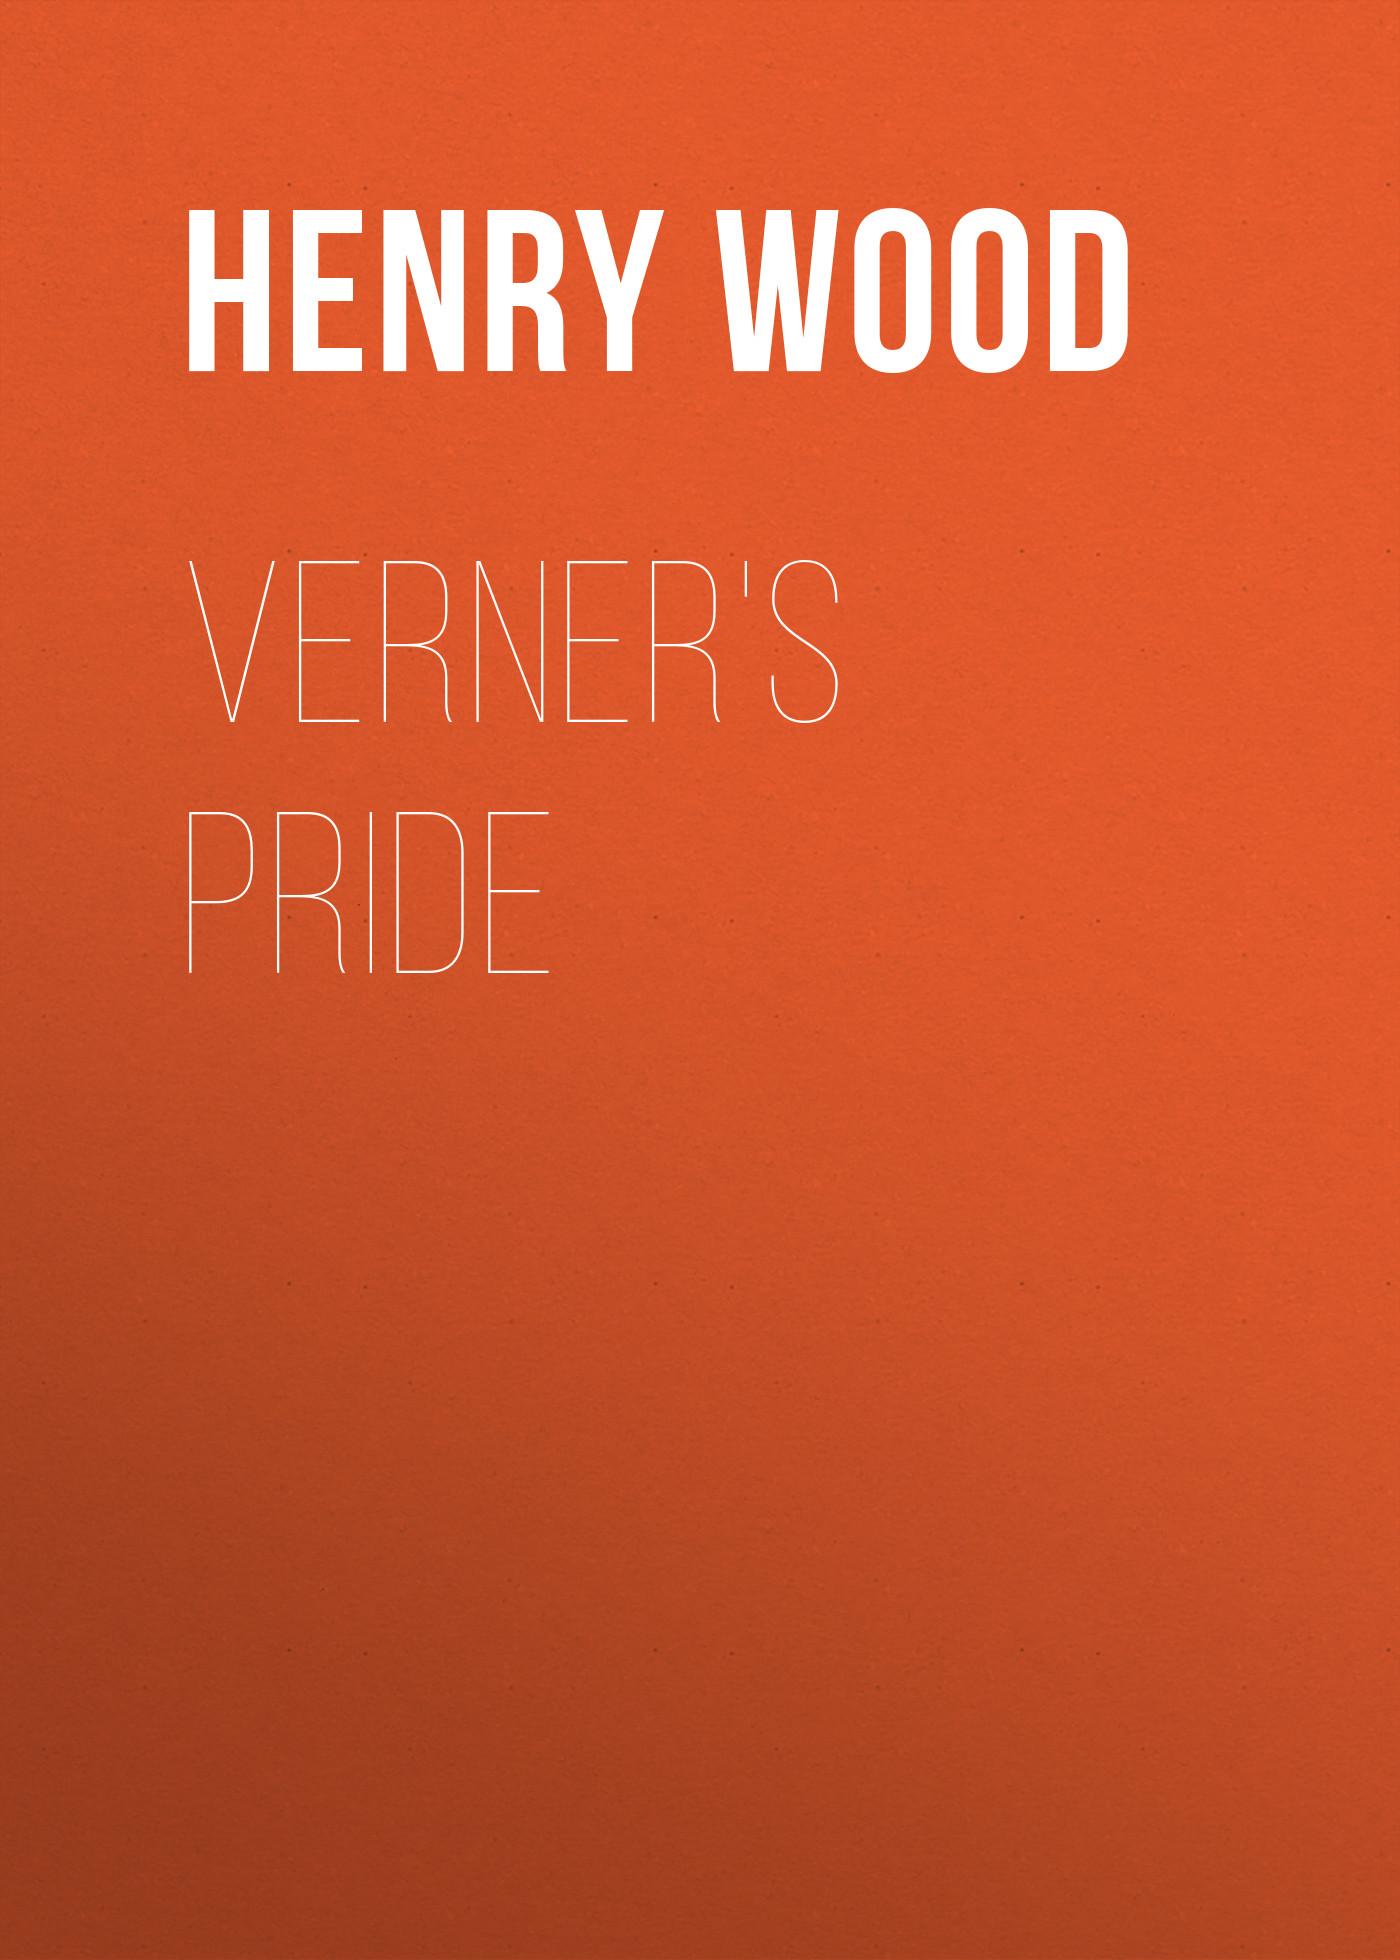 Henry Wood Verner's Pride